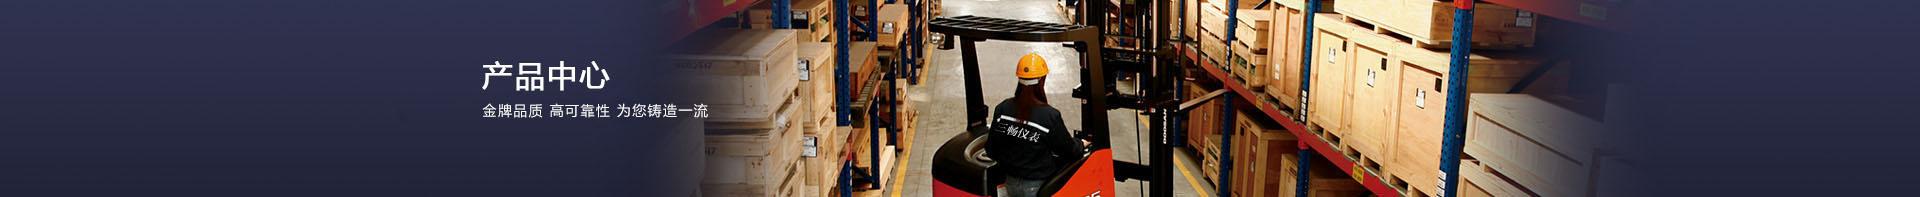 三畅创新研发仪表、助力工业自动化升级